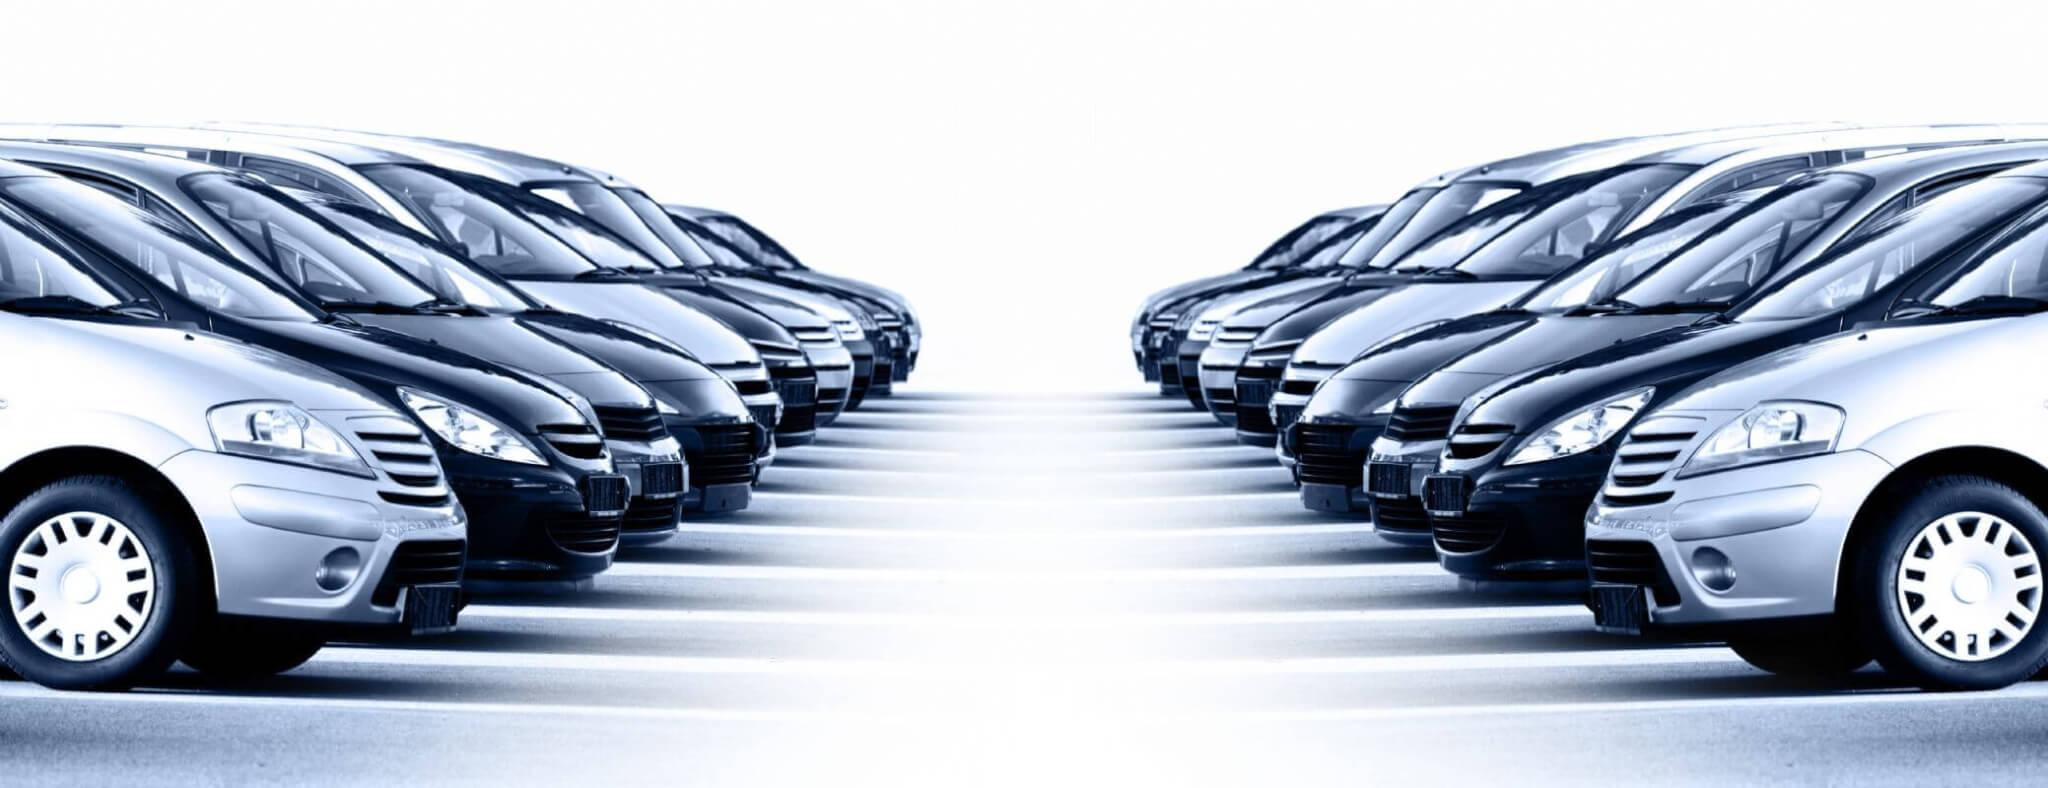 Optimiser la gestion de votre flotte automobile par la formation de ses conducteurs